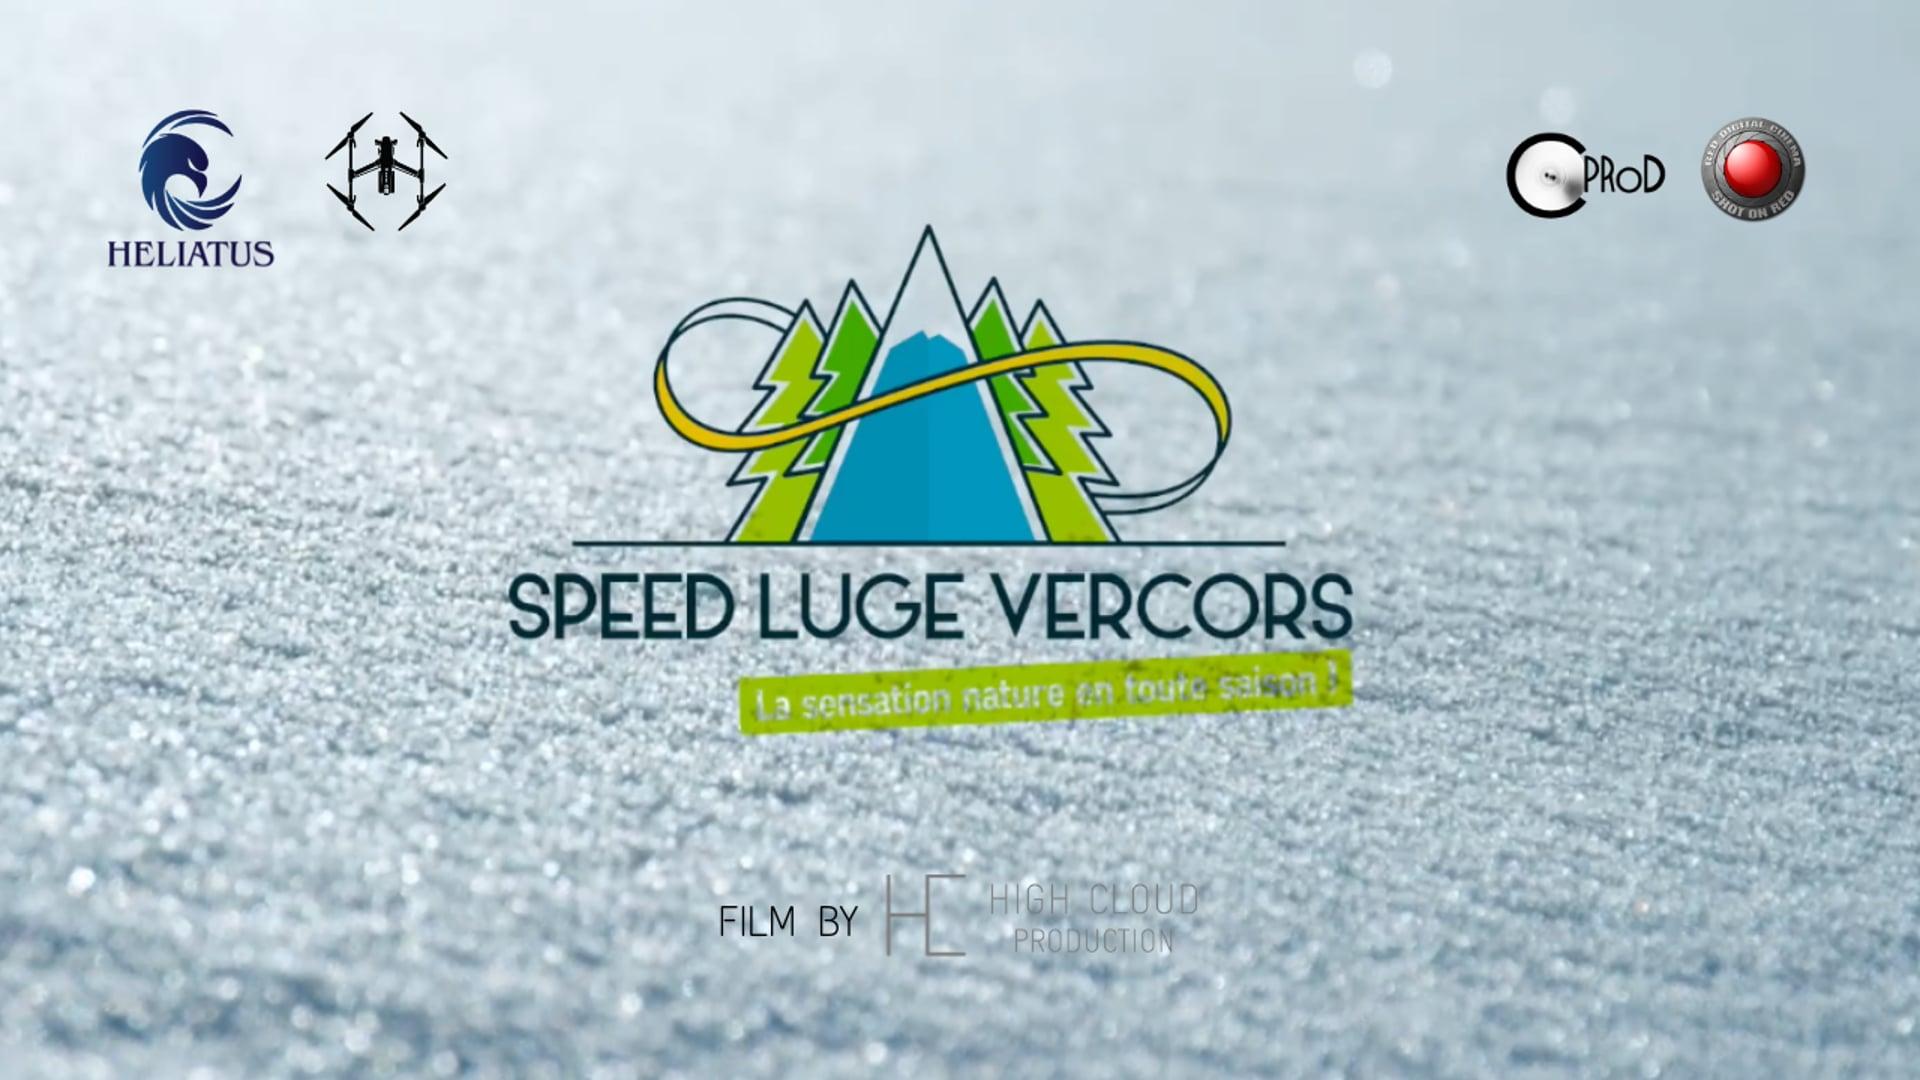 SPEED LUGE VERCORS - HELIATUS & CPROD